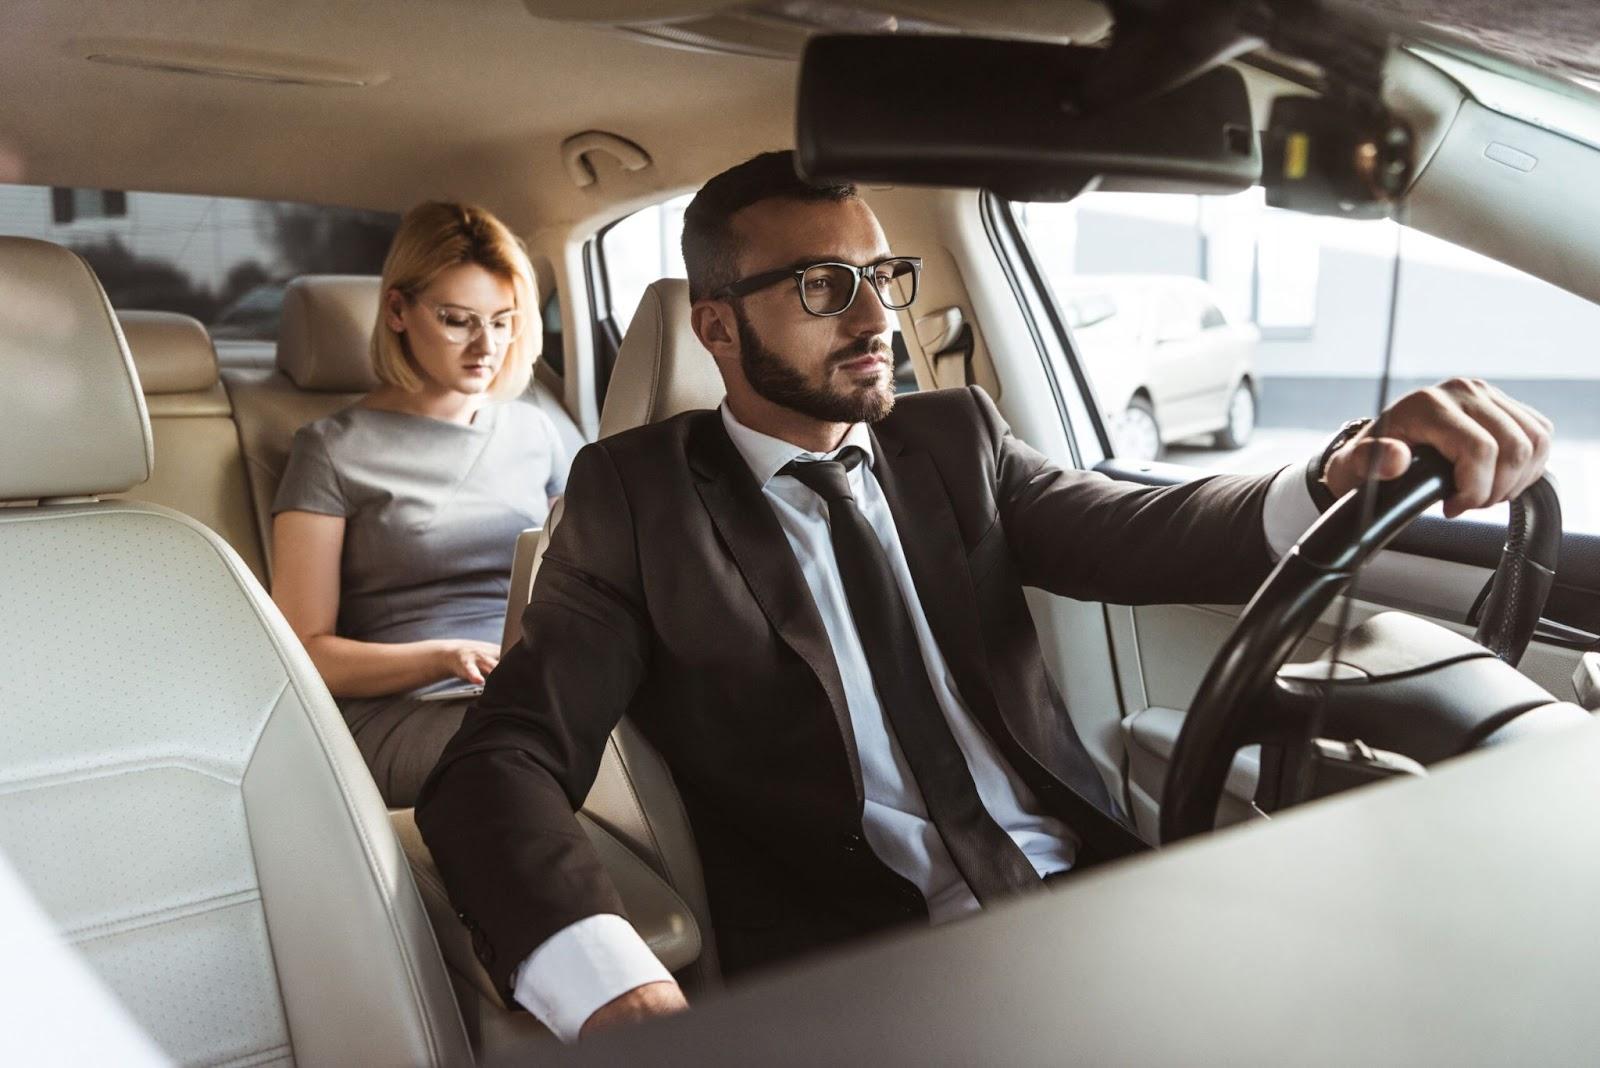 Особливості послуги таксі 'Бізнес' - Зображення 1